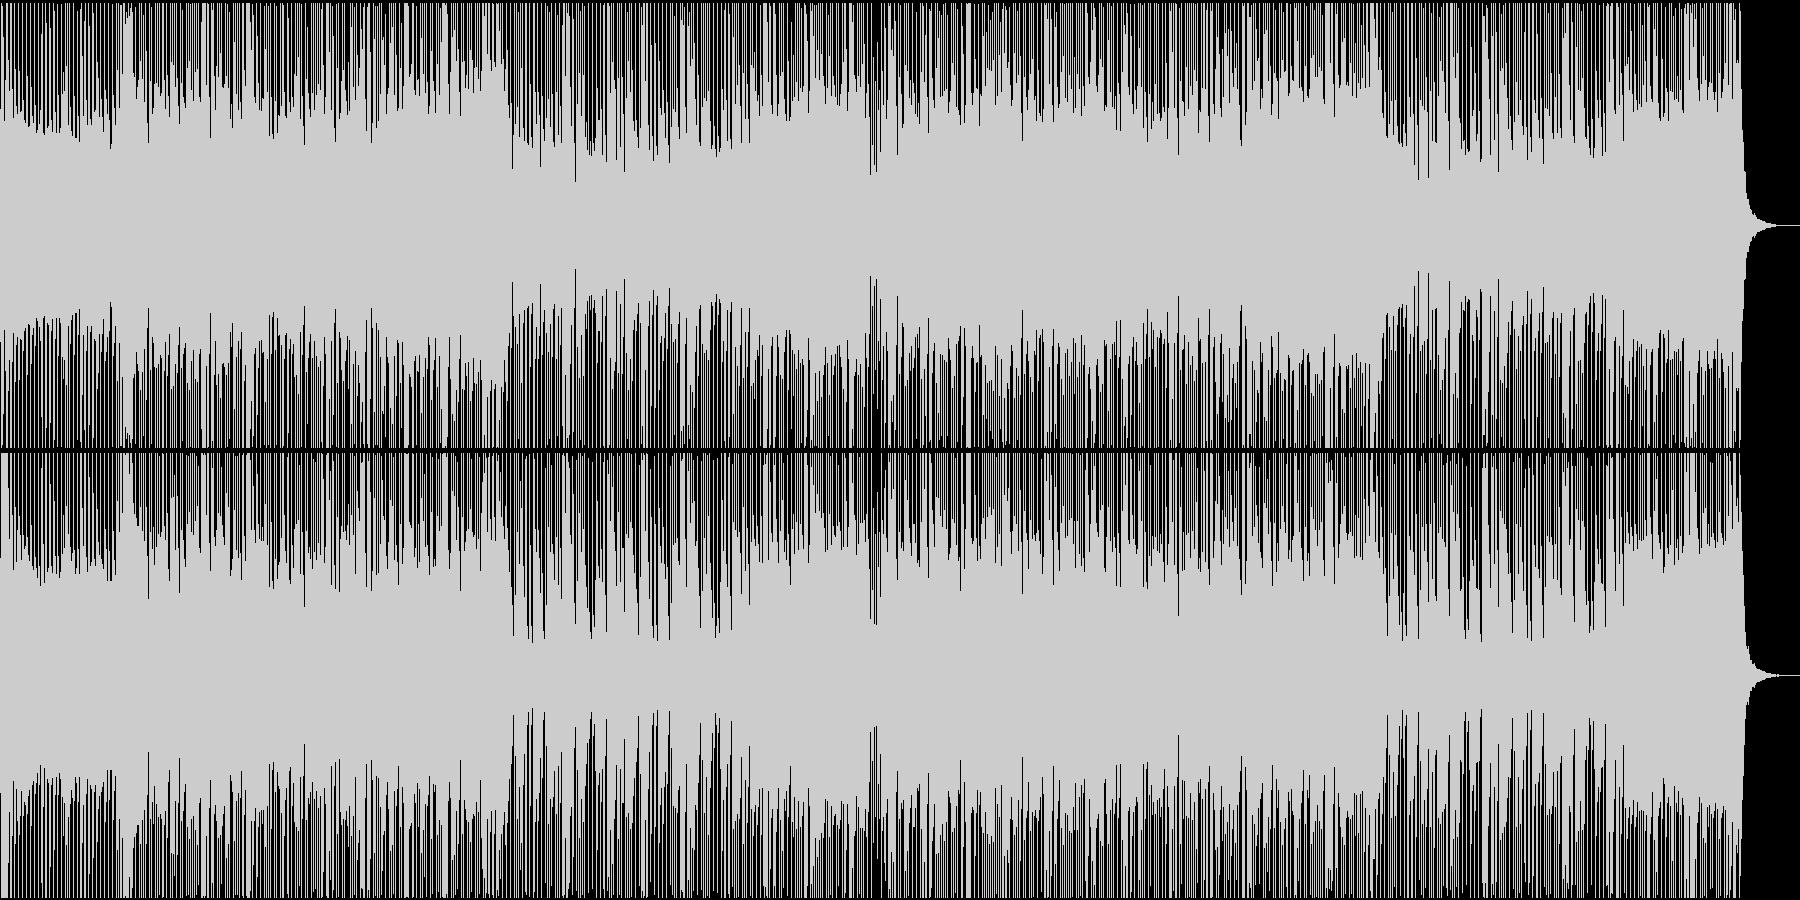 ロック/激しい/重い/バンド/派手の未再生の波形